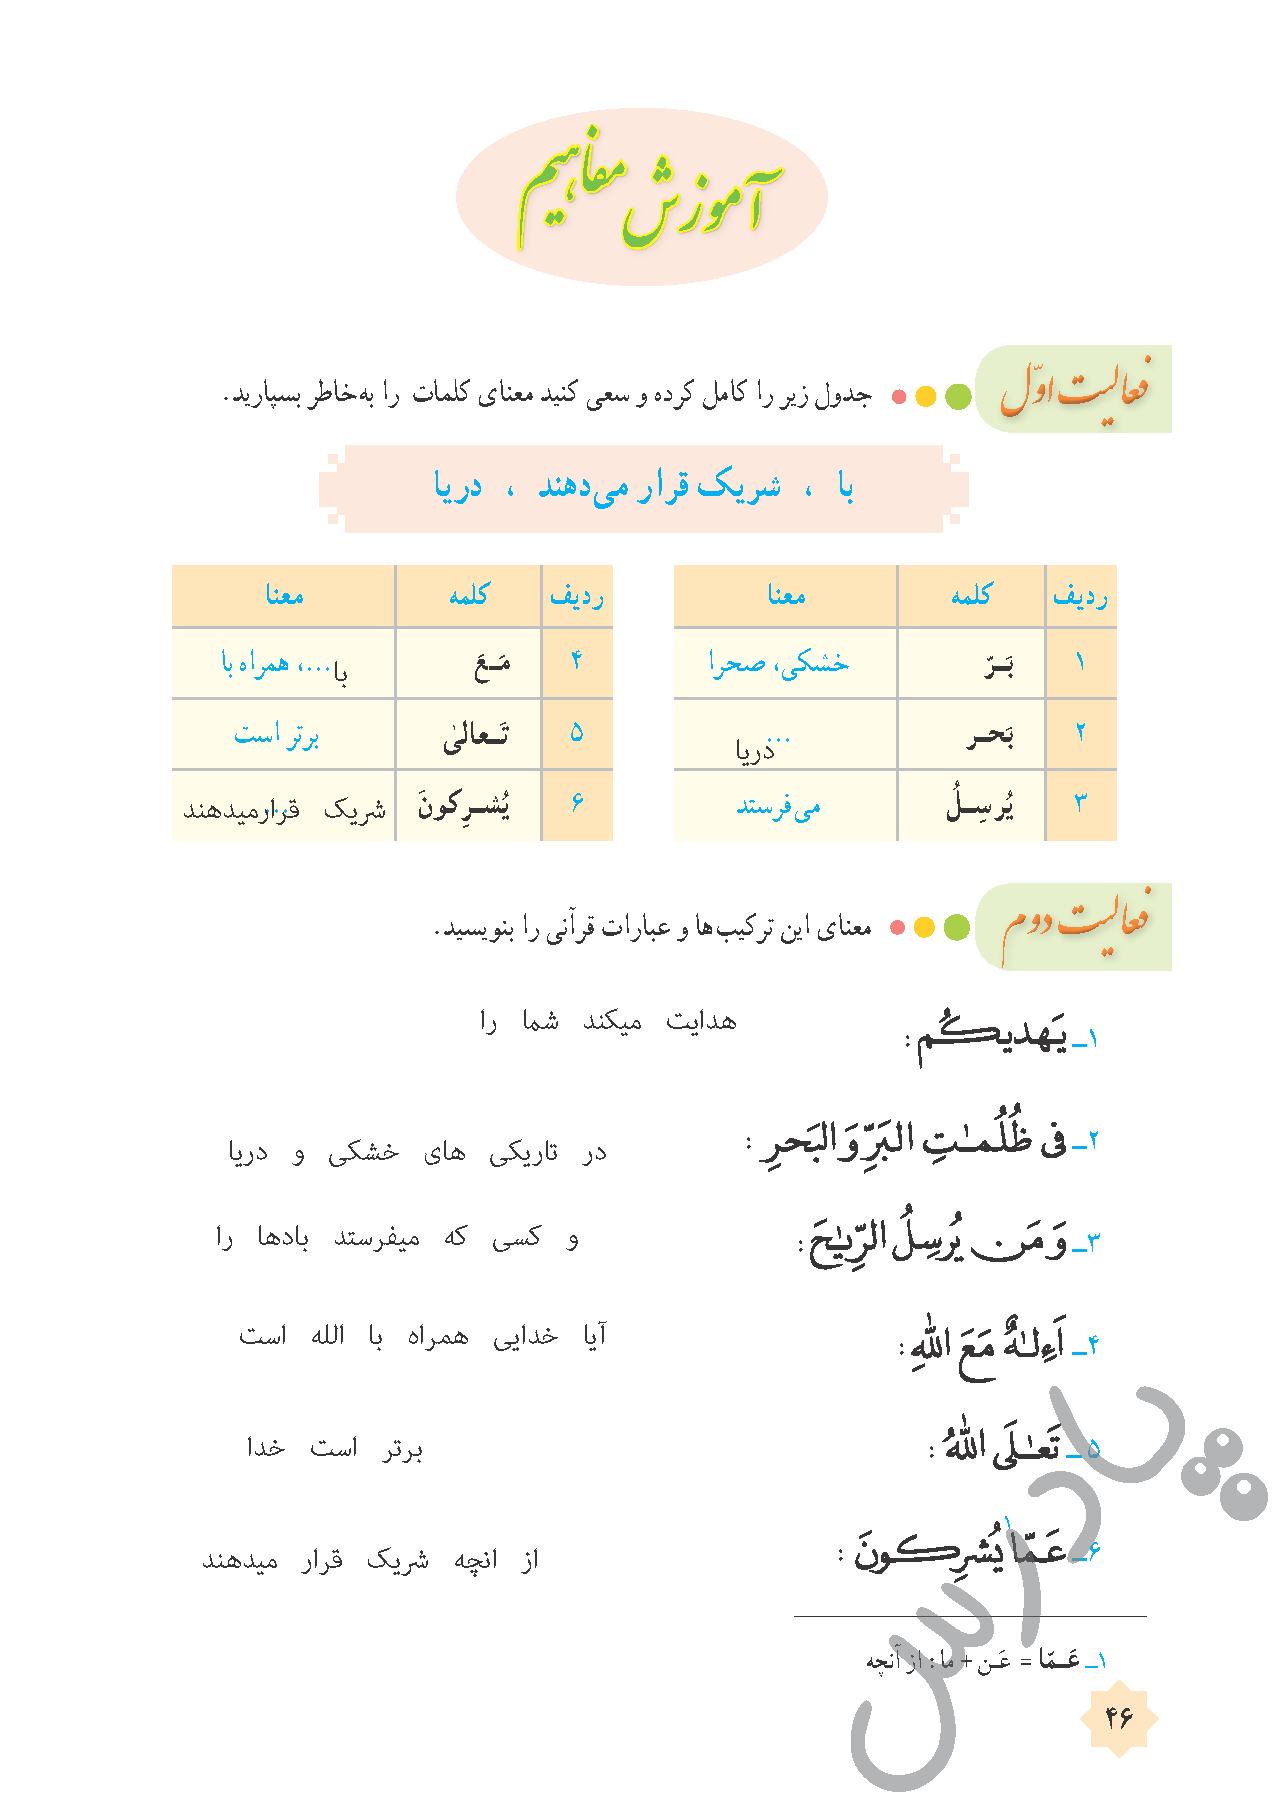 جواب فعالیت درس 4 قرآن هشتم -جلسه دوم